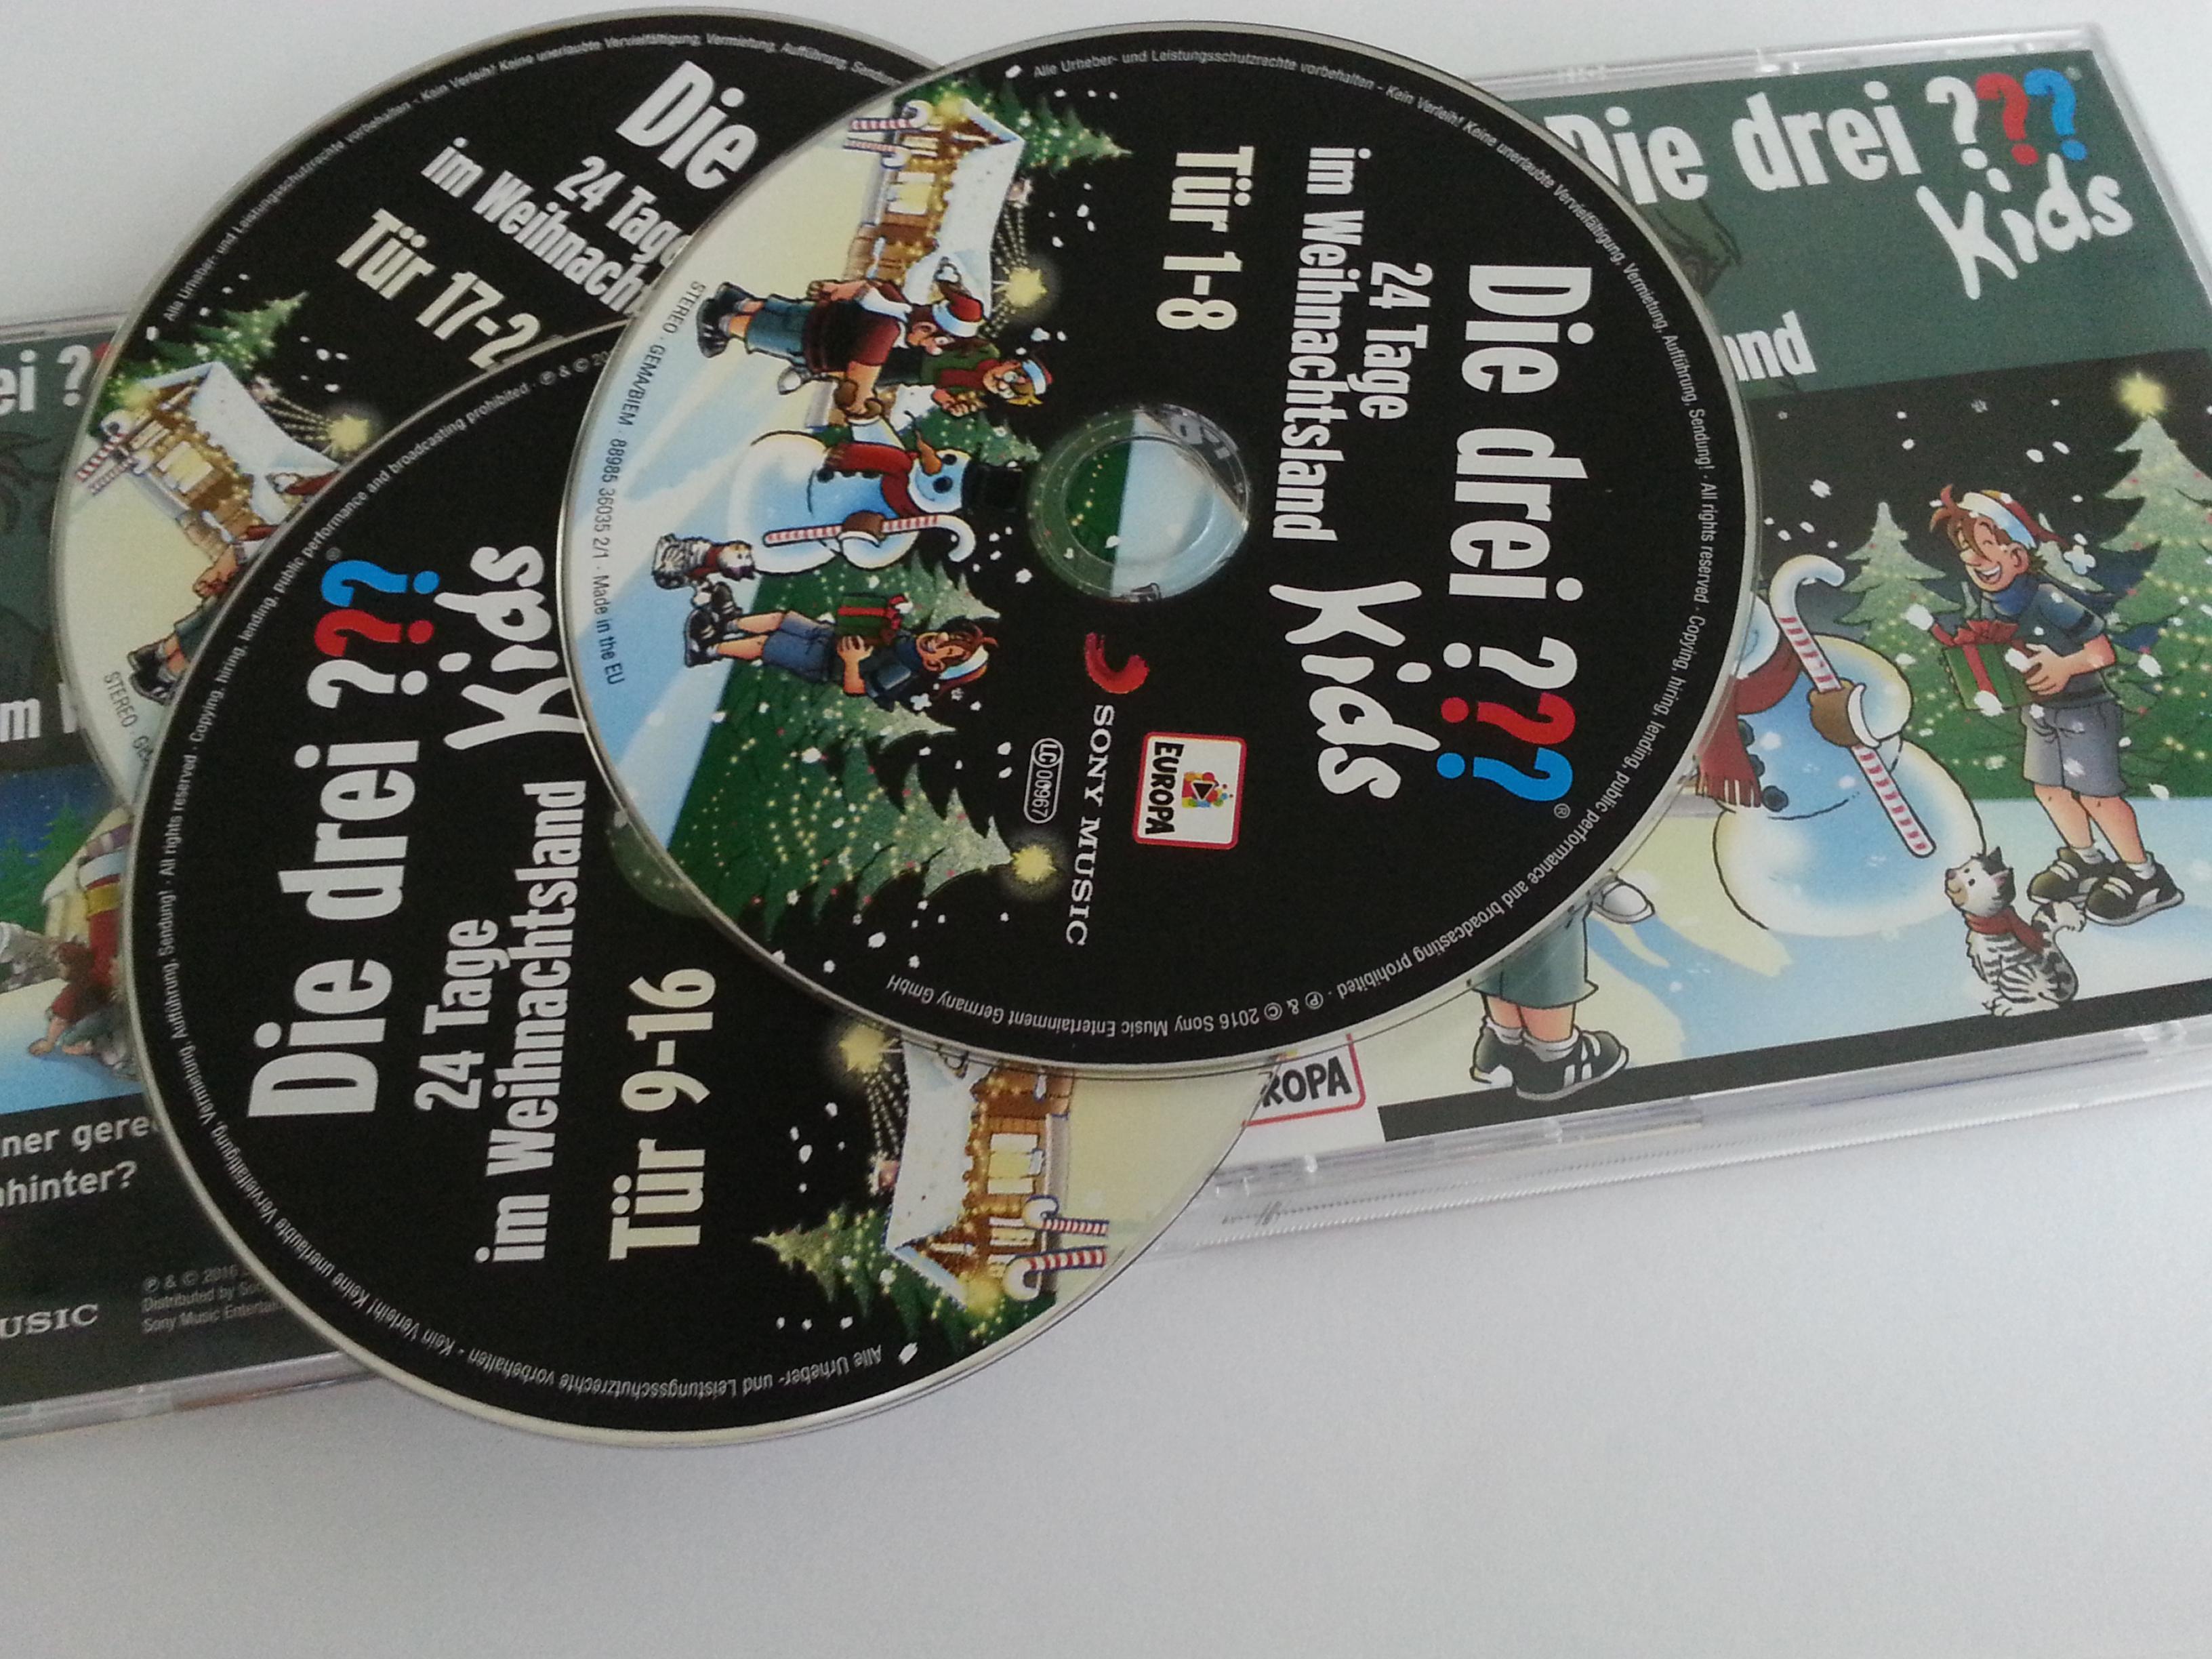 Die Drei Fragezeichen Kids-24 Tage Im Weihnachtsland-VoiCe